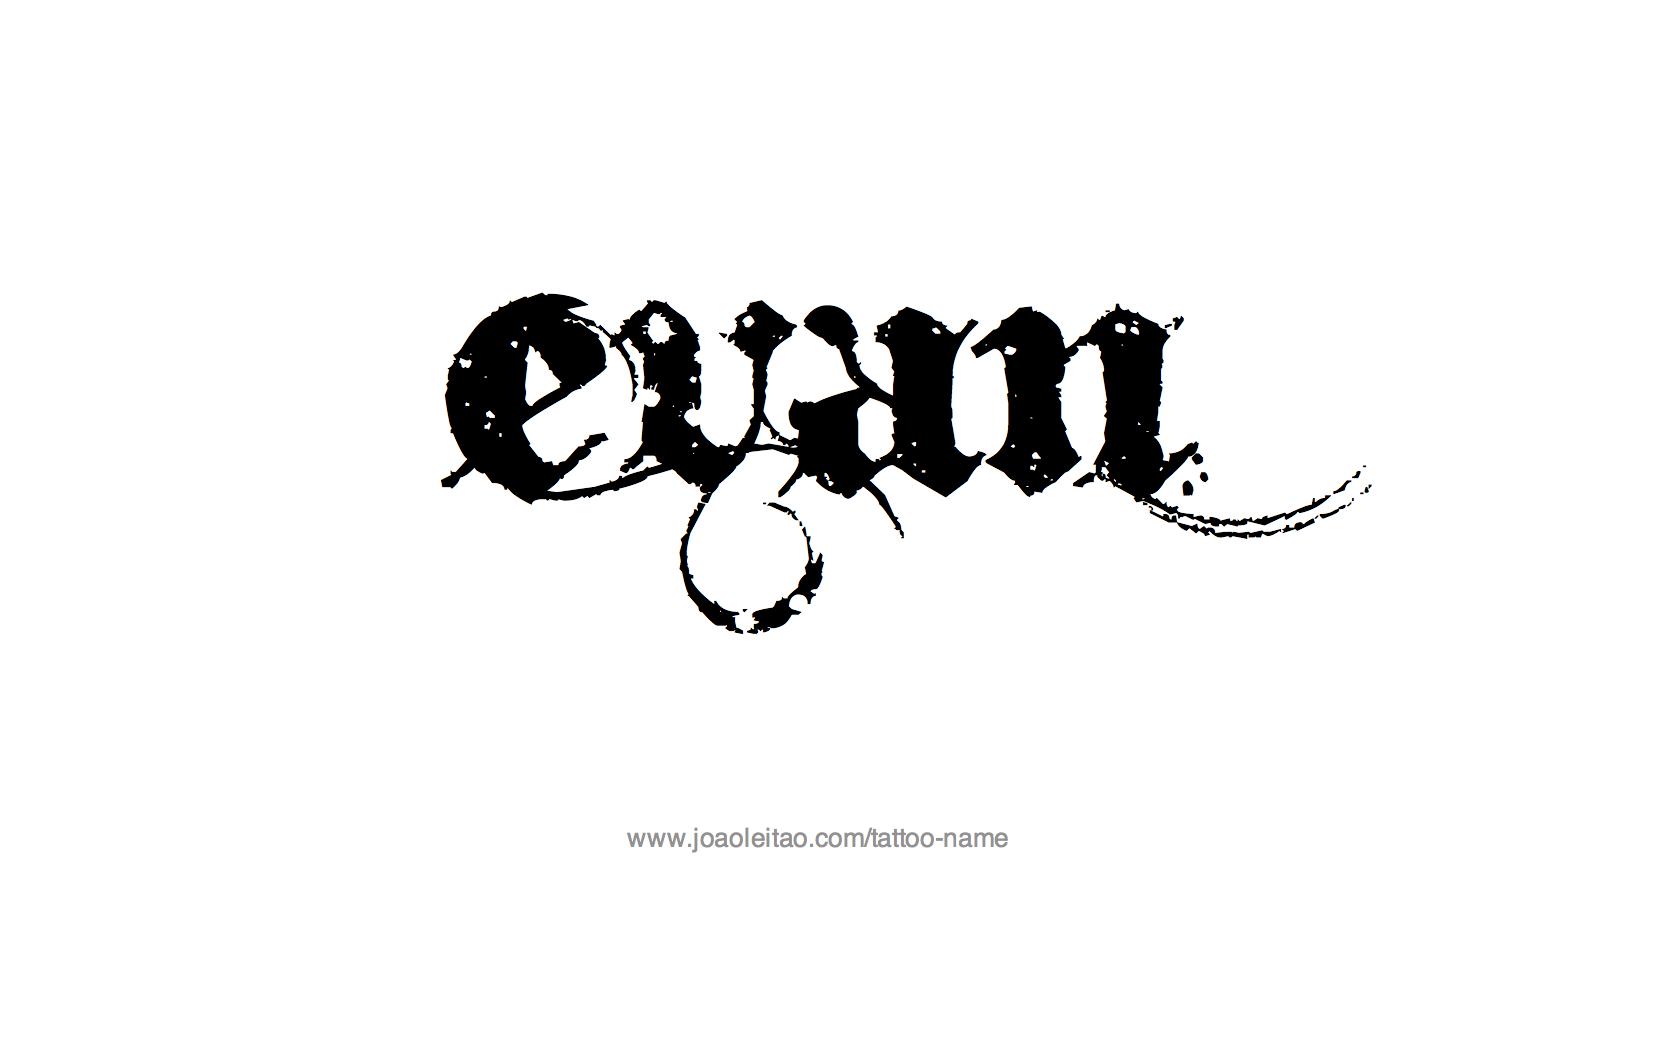 Evan Name Tattoo Designs Name Tattoos Name Tattoo Tattoo Designs